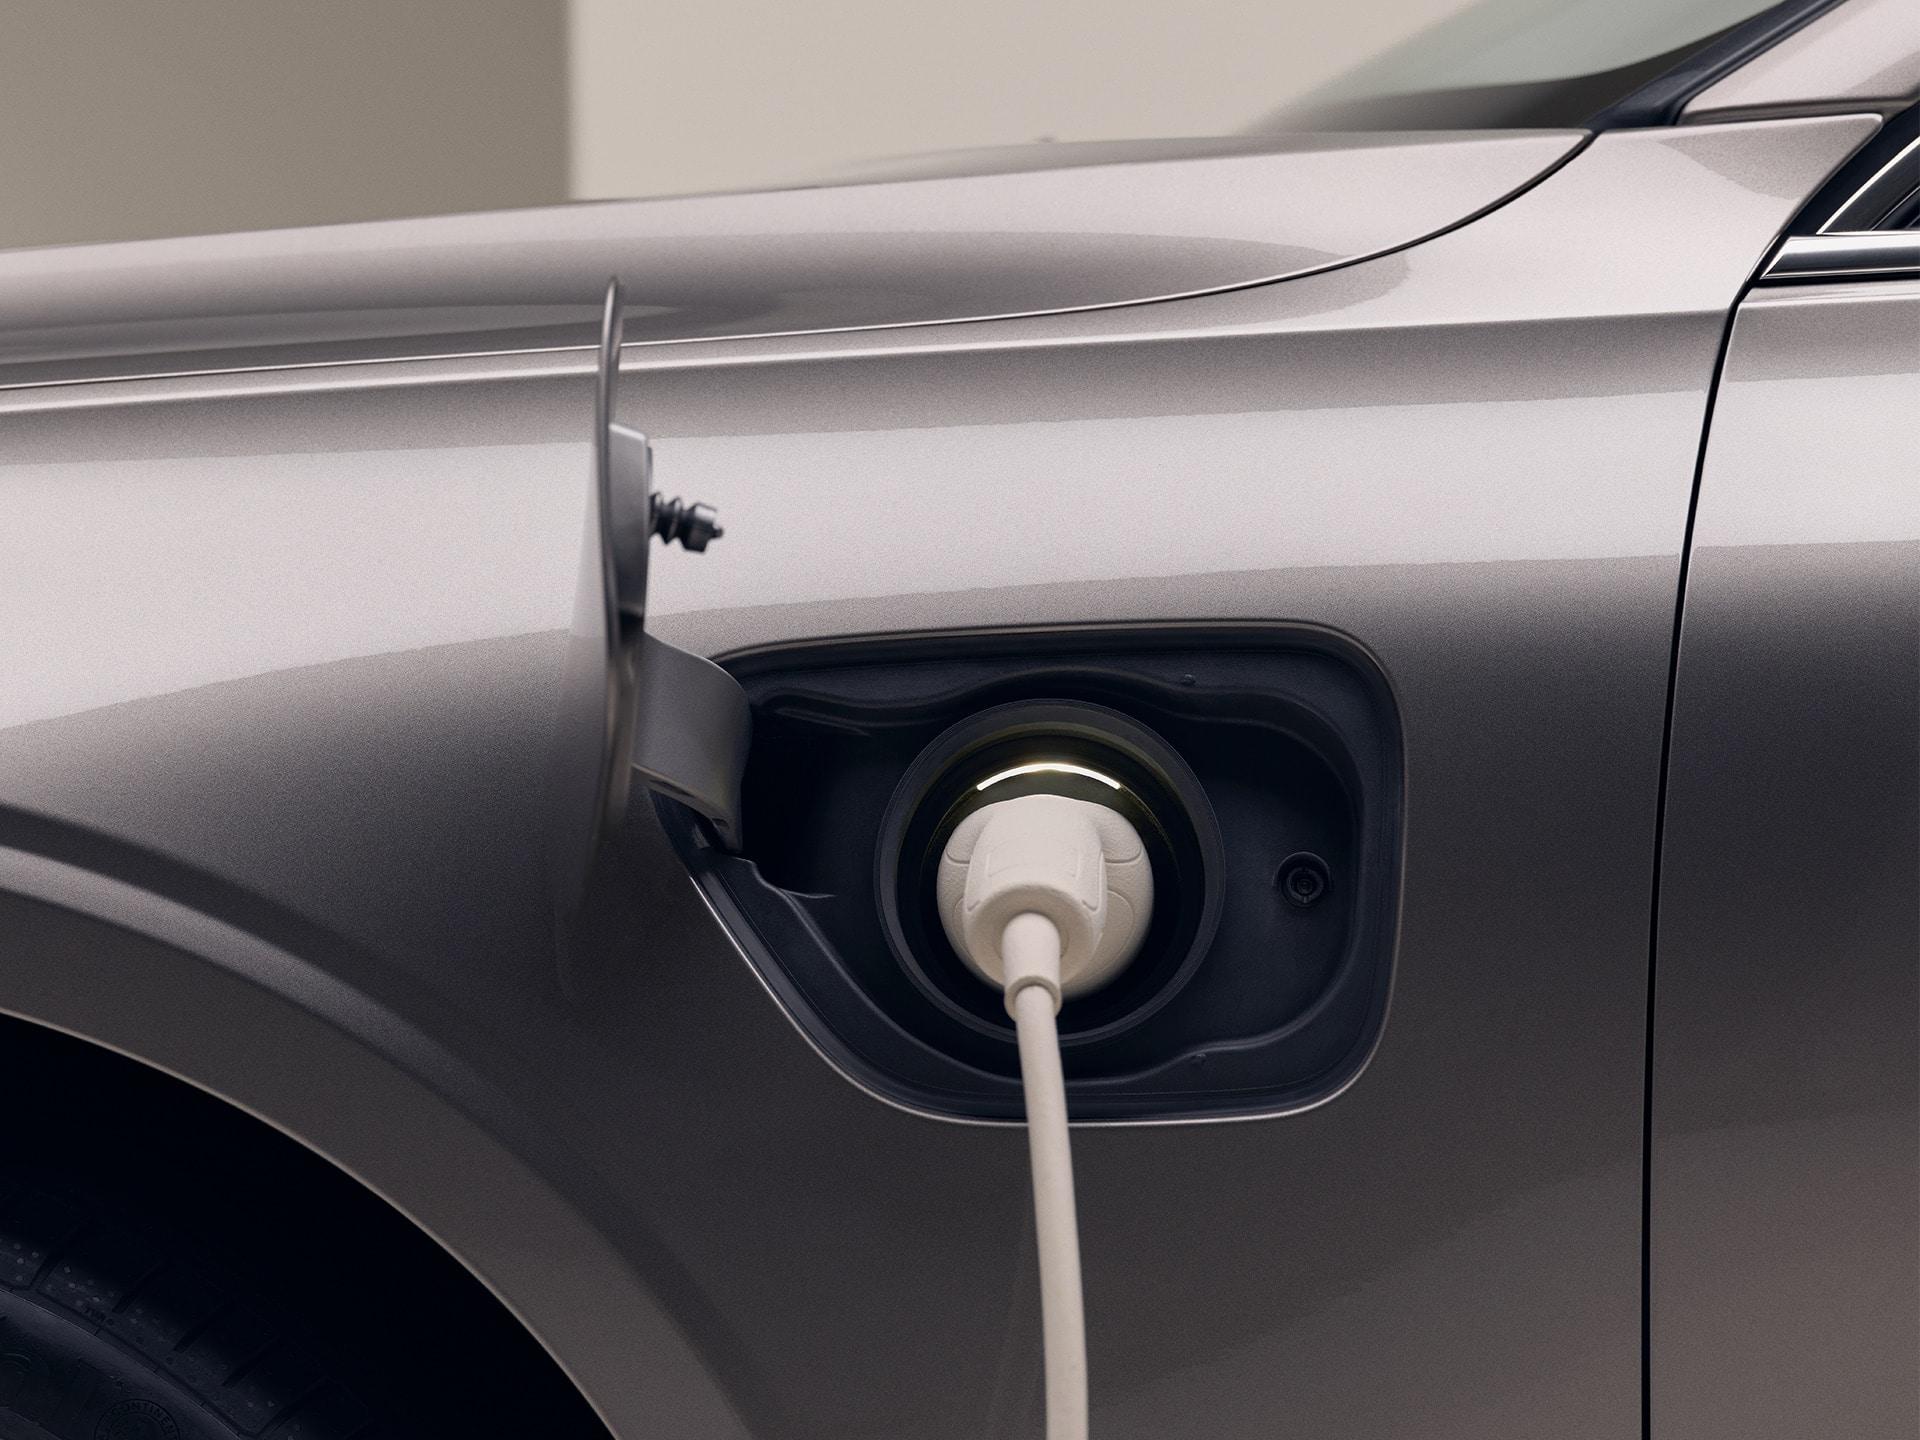 Gros plan de l'avant gauche d'une Volvo grise avec un câble de recharge blanc branché au port de recharge de la voiture